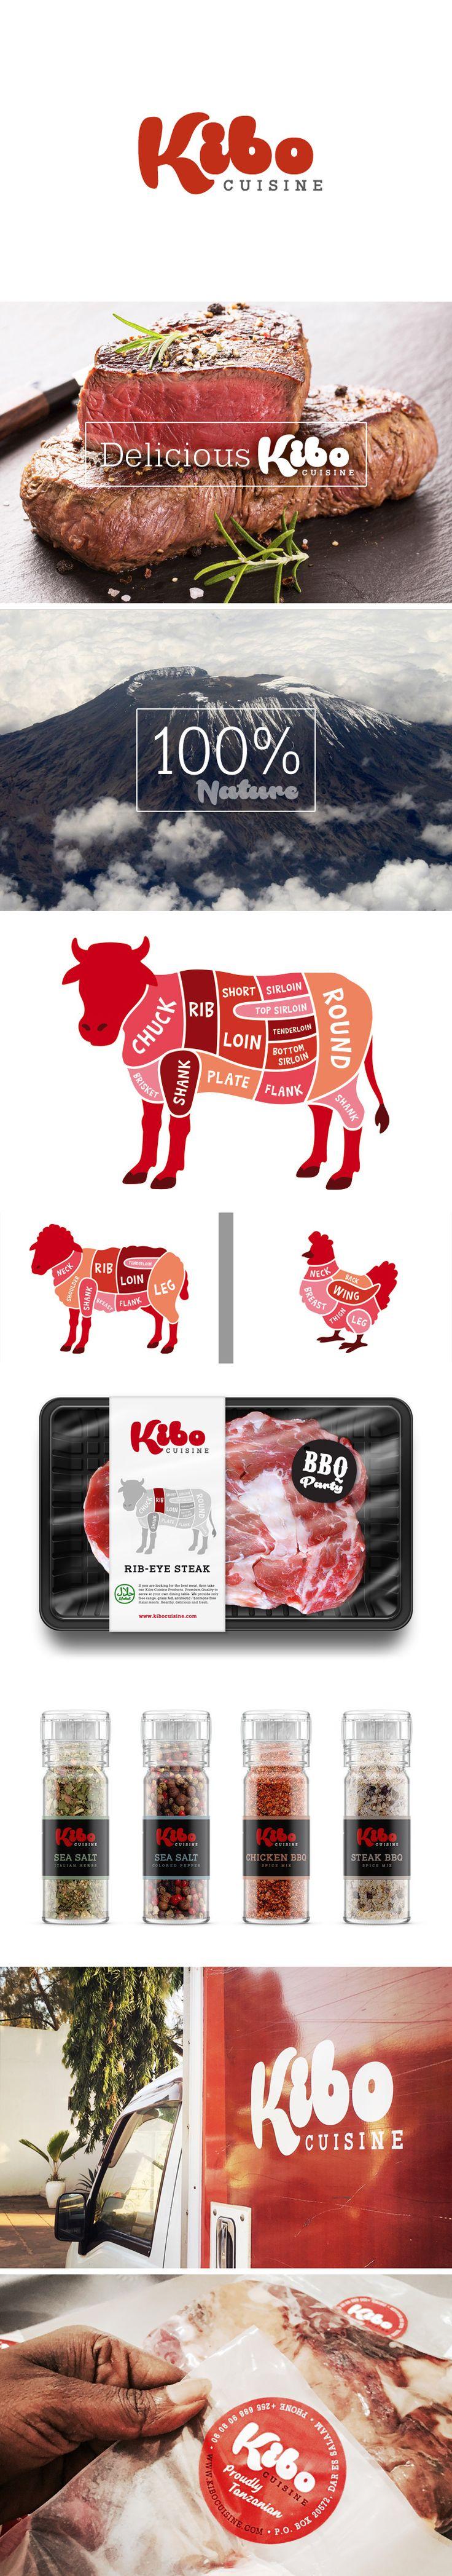 Kibo Cuisine Branding. Tanzania Company. Design by 12ender, Cologne